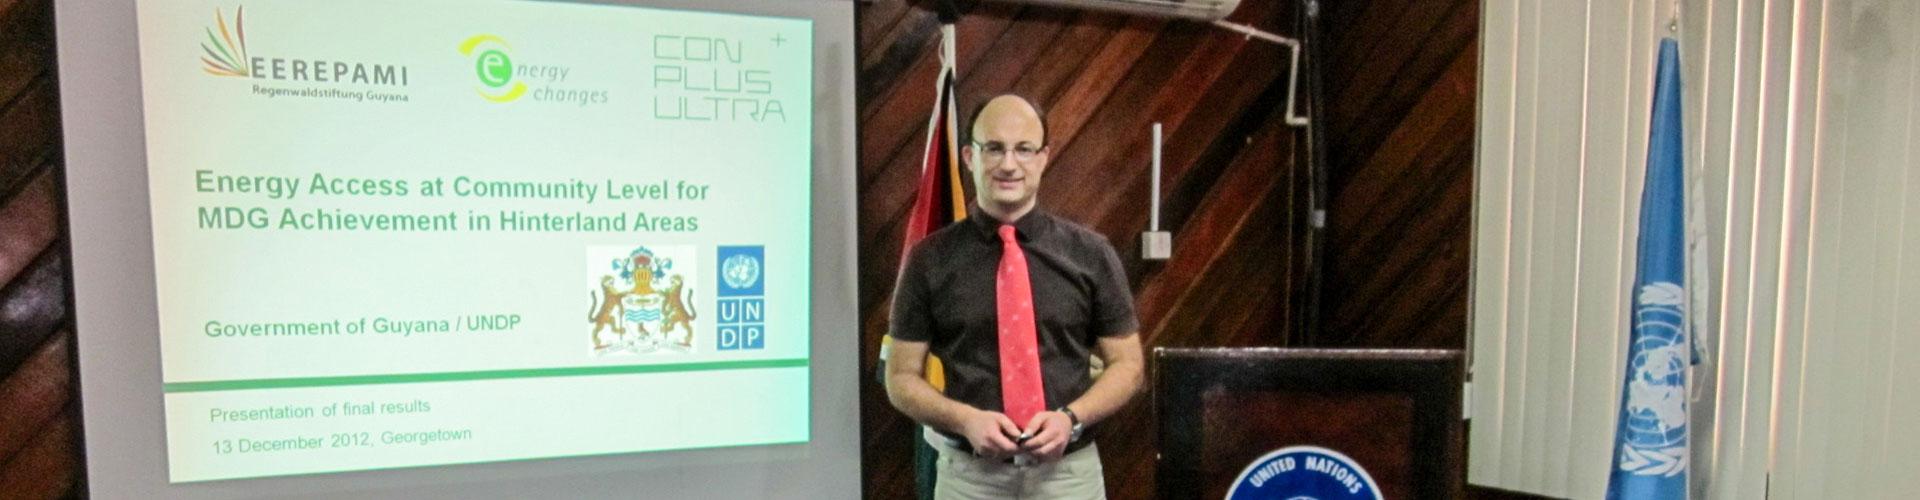 Foto: ein weißer Mann u.a. mit rotem Schlips steht vor einer Beamer-Leinwand mit Bild